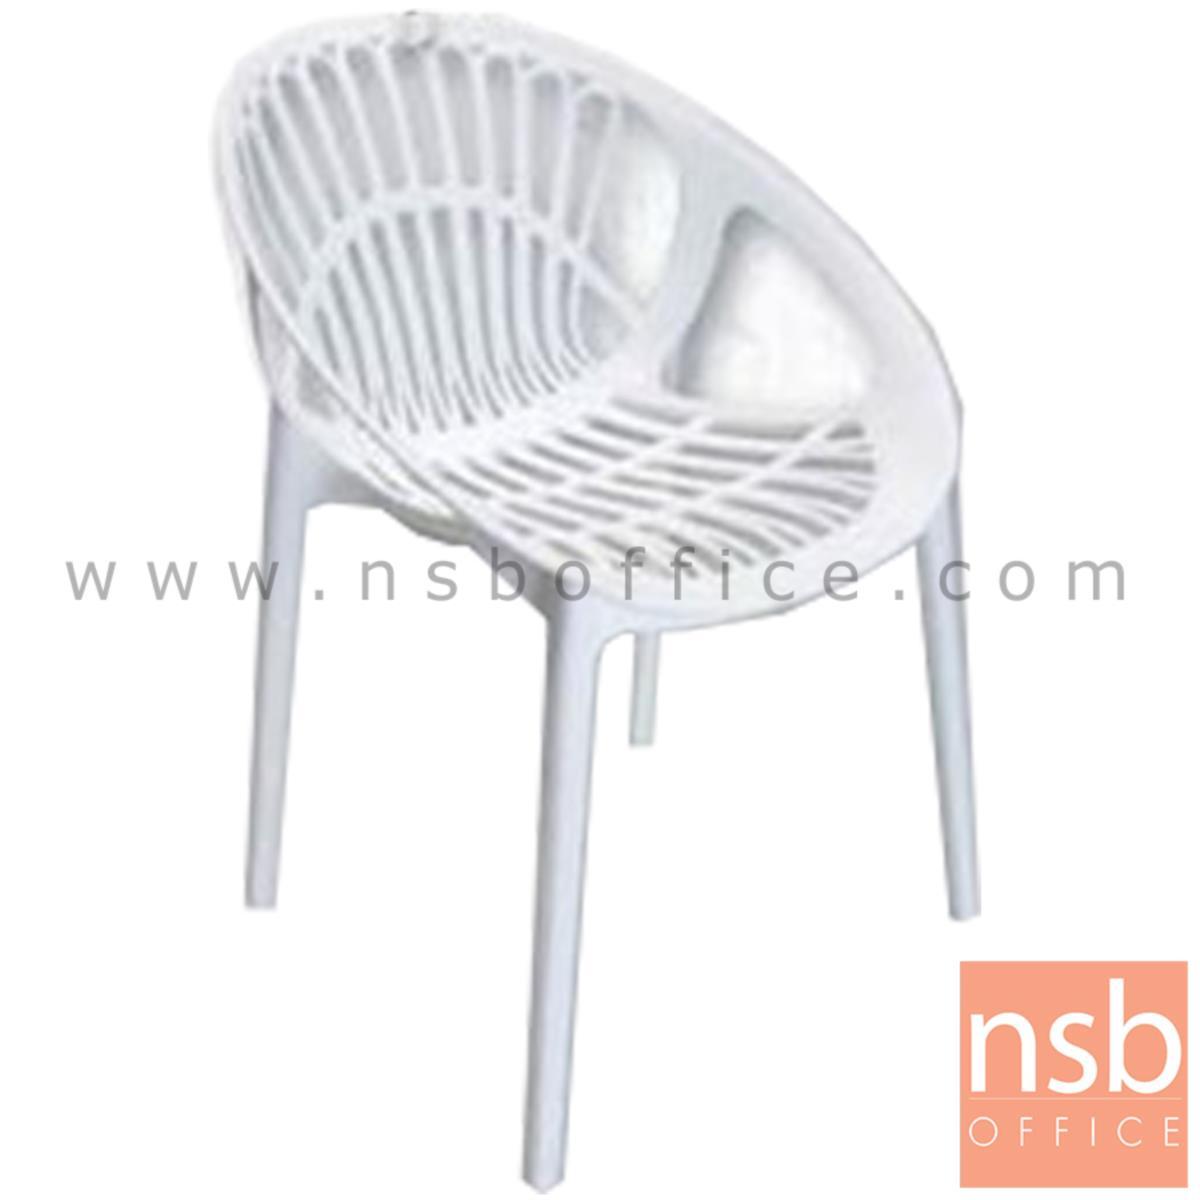 เก้าอี้โมเดิร์นพลาสติกล้วน รุ่น DOLPHIN (ดอลฟิน) ขนาด 48W cm.